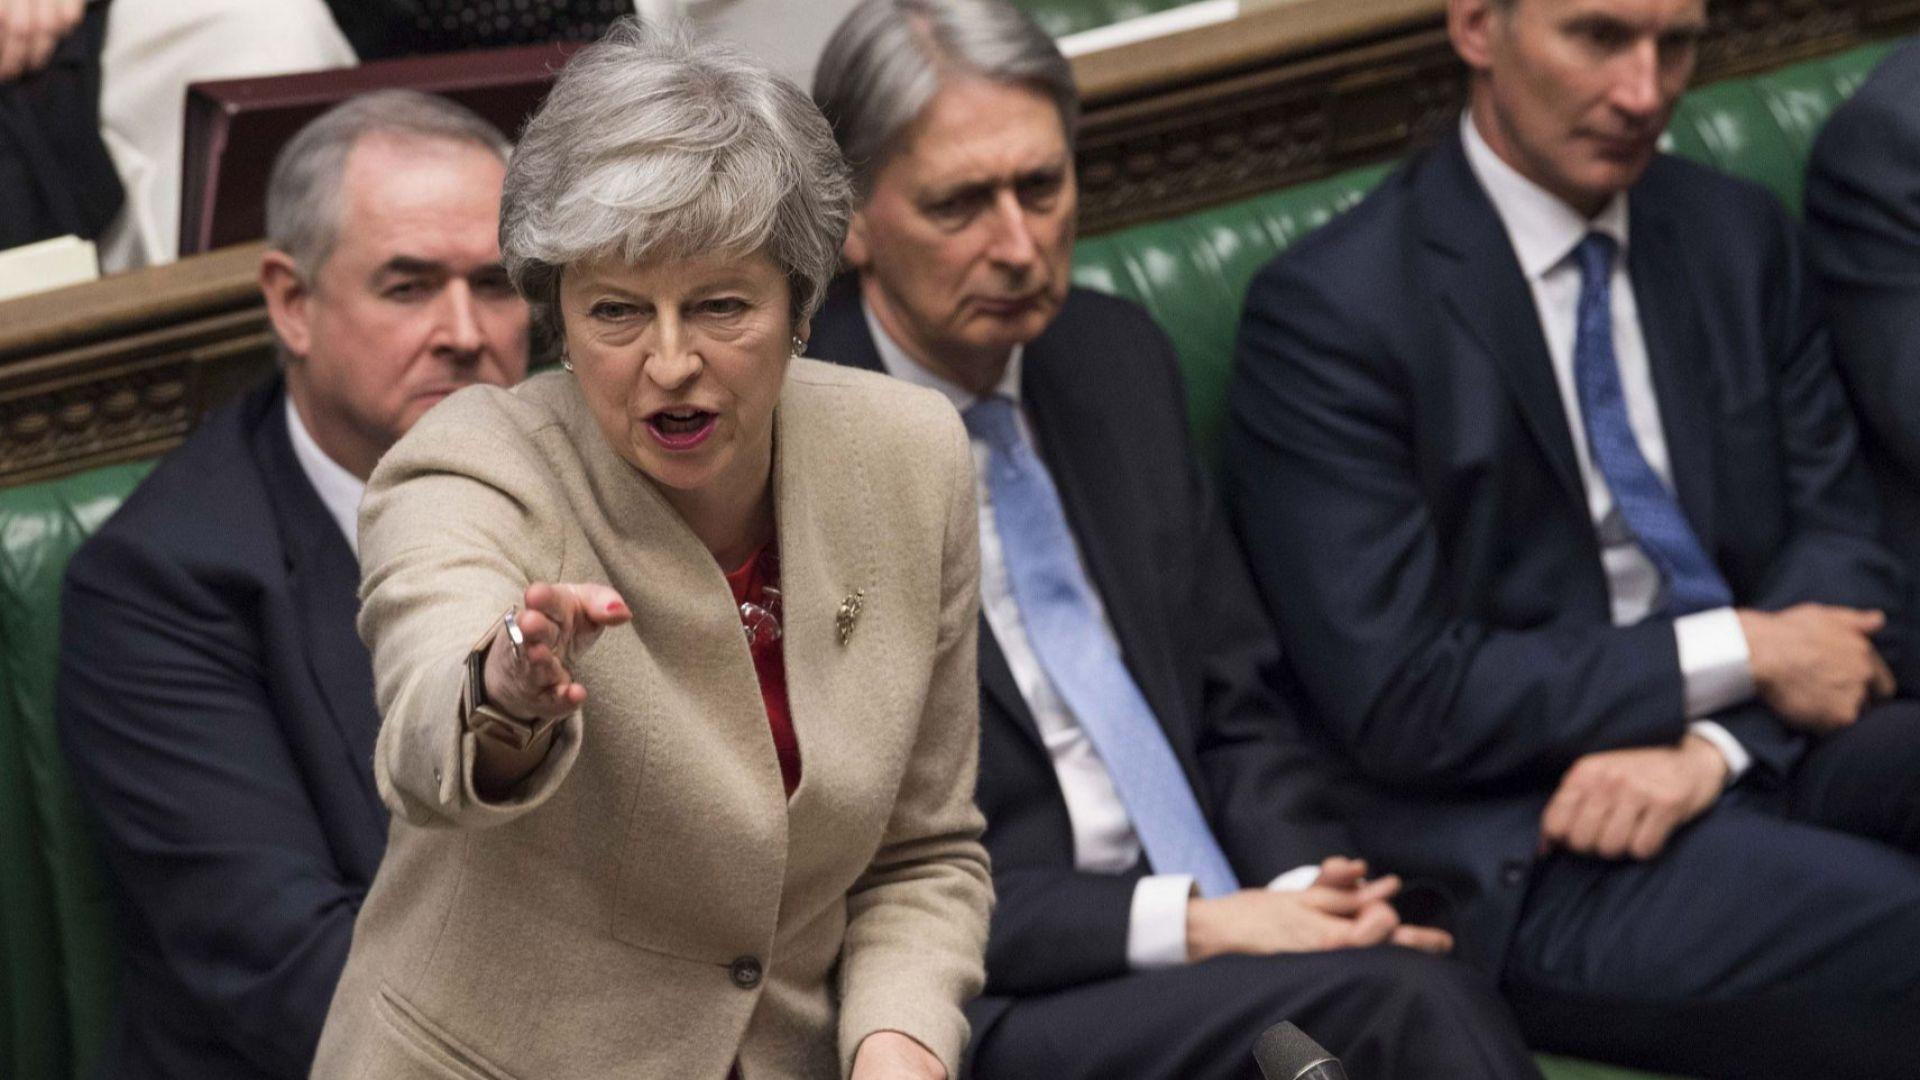 Парламентът забрани Брекзит без сделка и принуди Мей да иска от ЕС нова отсрочка